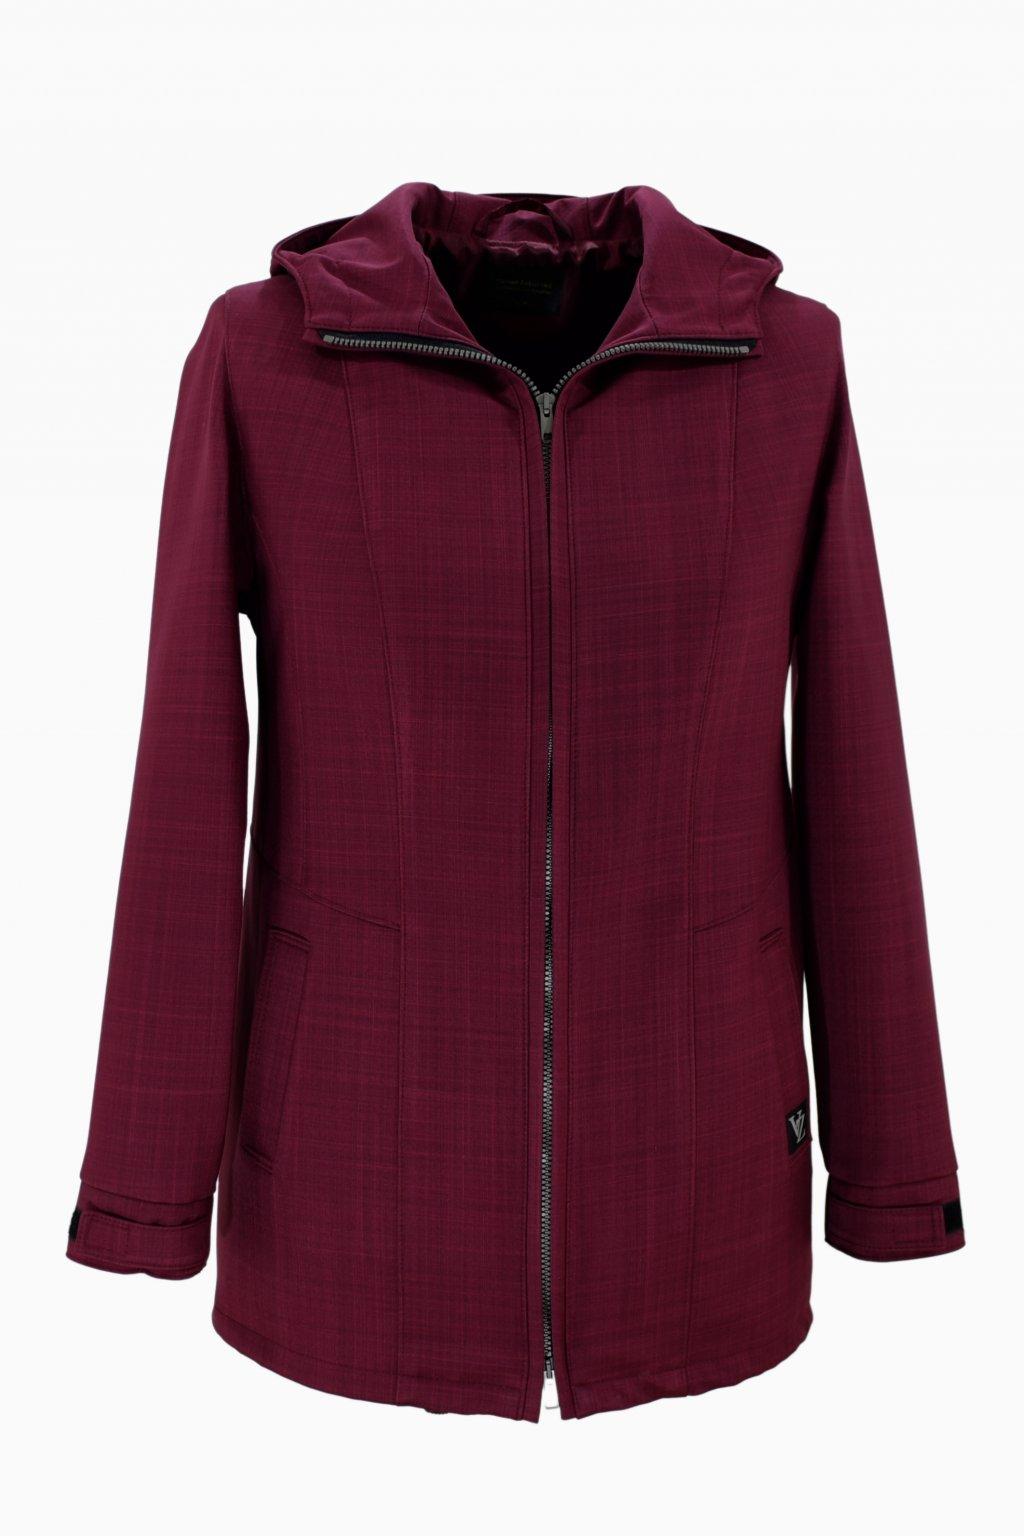 Dámská vínová jarní outdoorová bunda Elza nadměrné velikosti